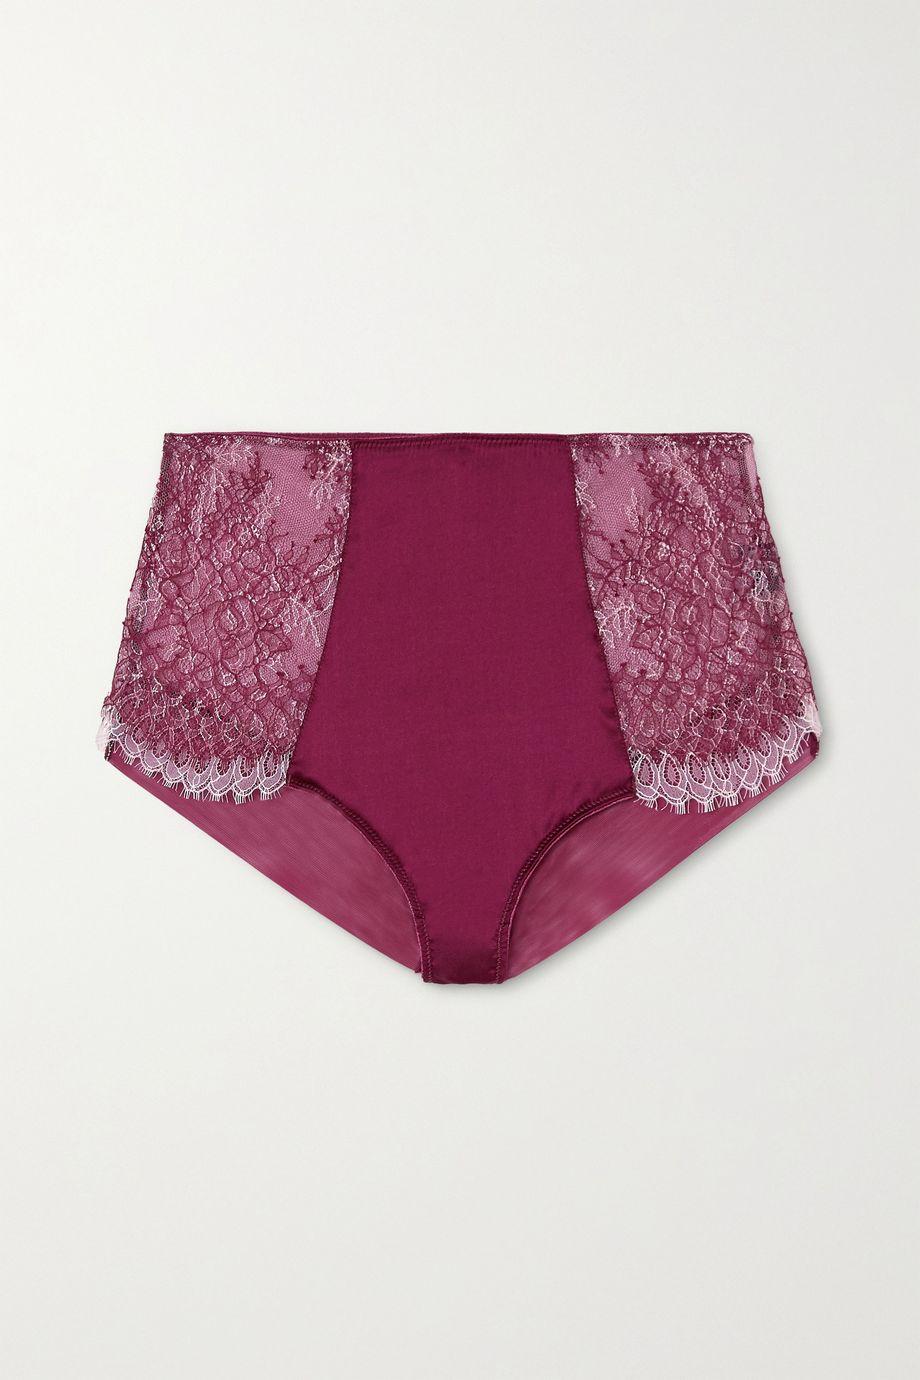 Katherine Hamilton Mariella 蕾丝、弹力绢网、缎布三角裤